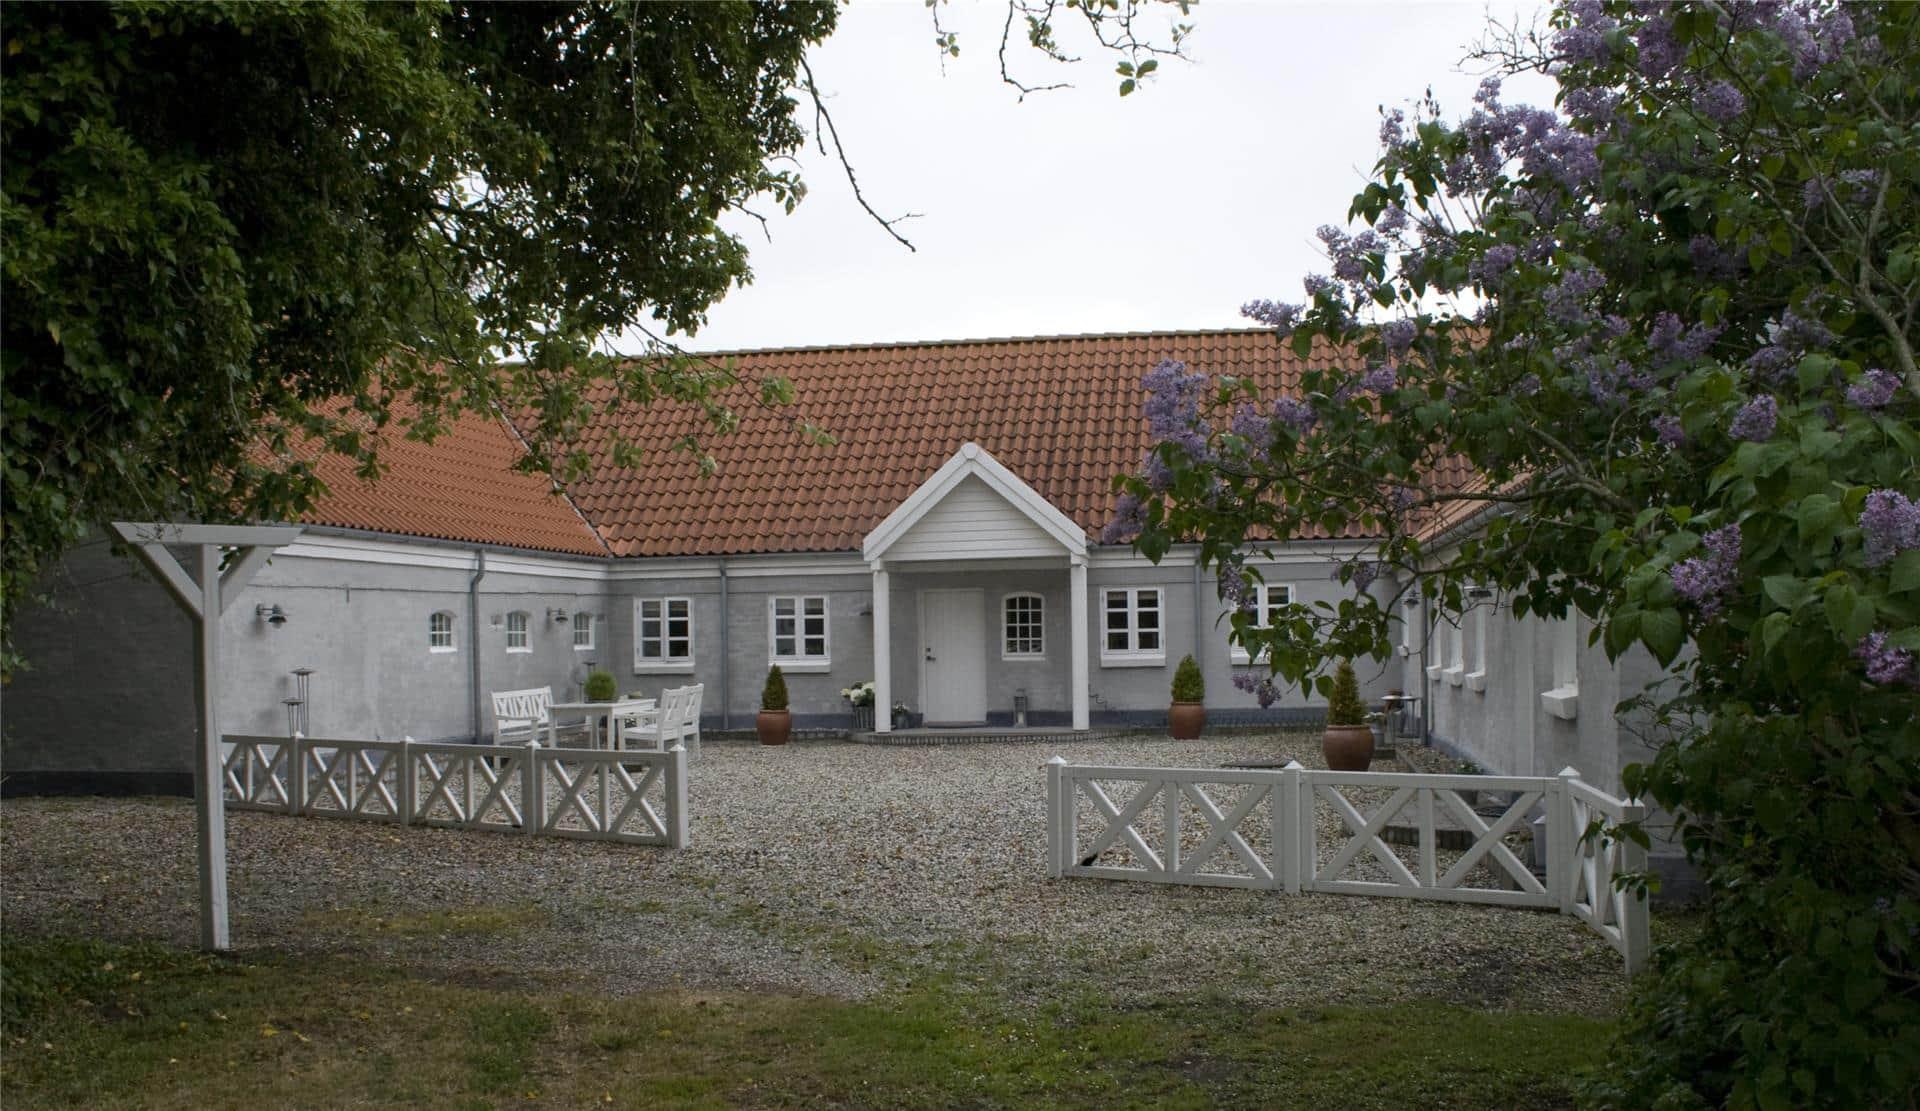 Bilde 1-148 Feirehus TV1237, Mosbjergvej 47, DK - 9881 Bindslev